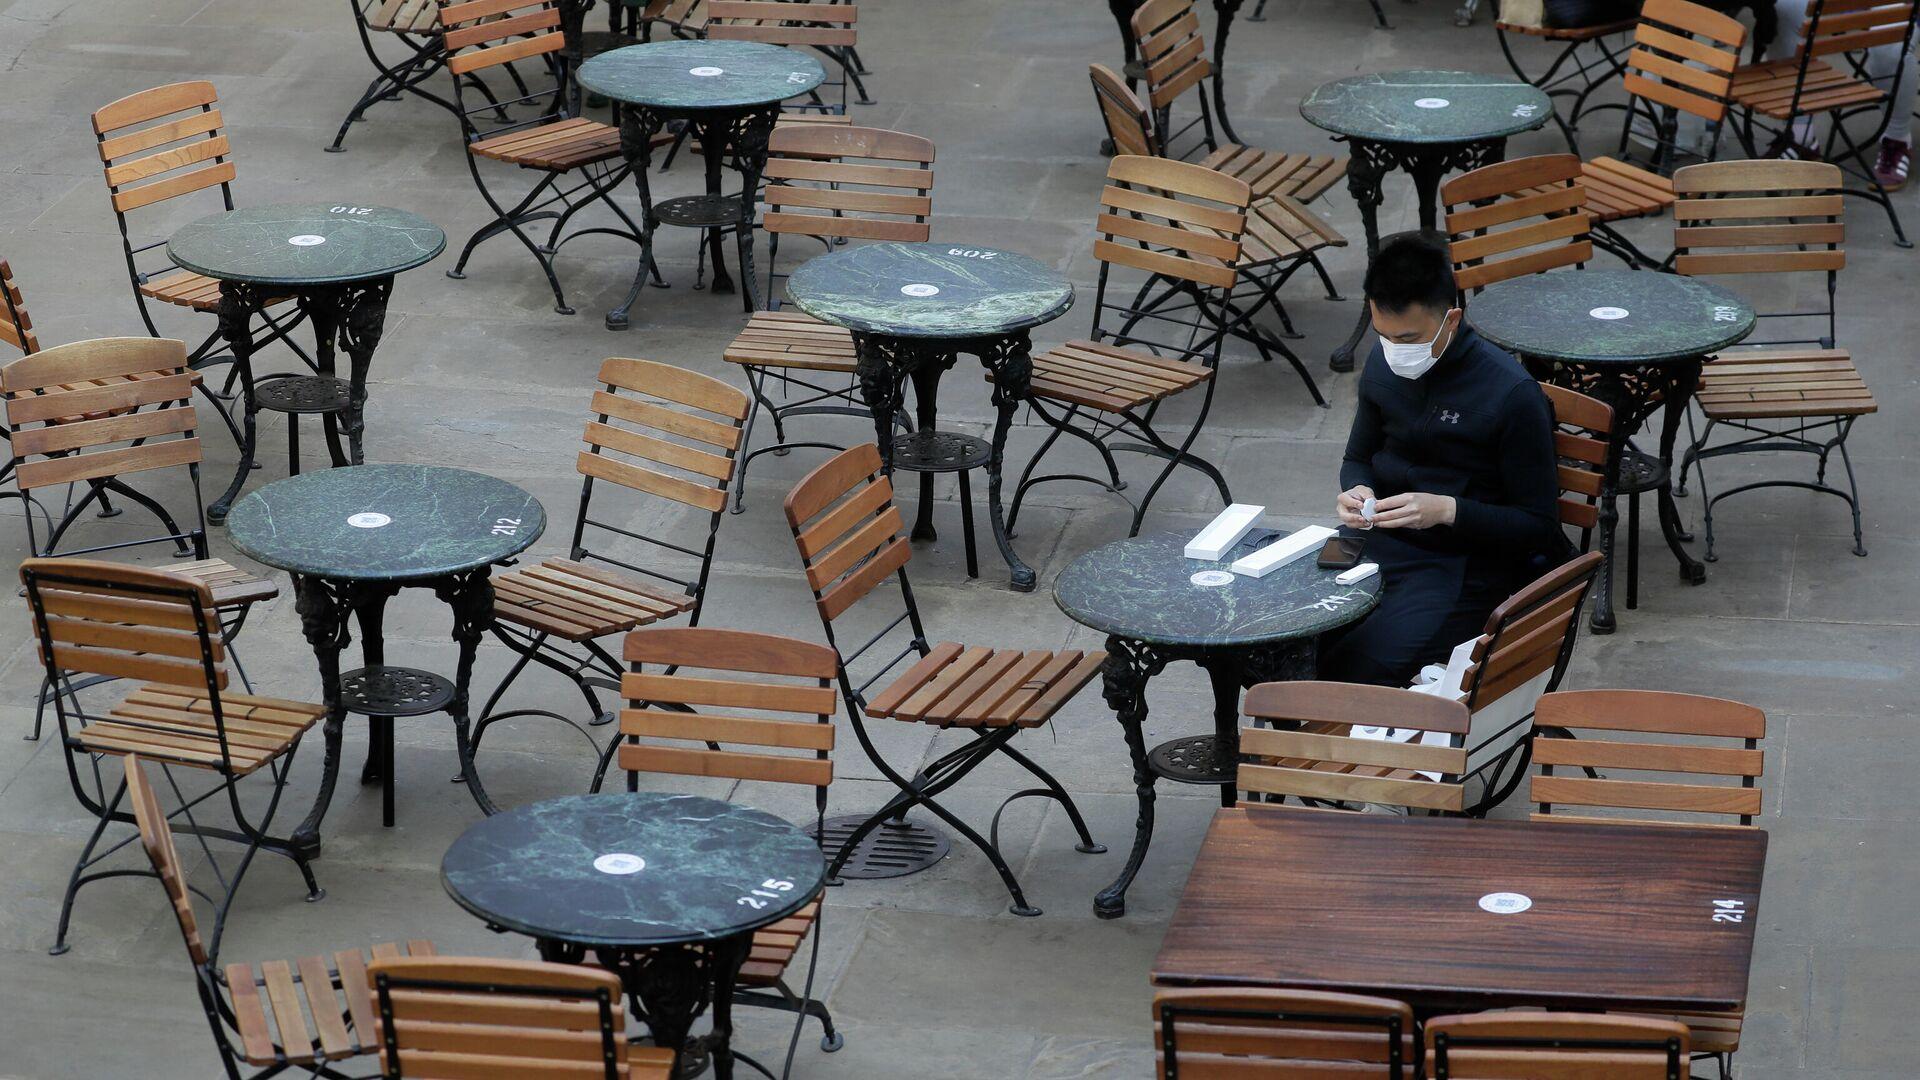 Посетитель за столиком в пустом кафе в Лондоне, Великобритания. 24 сентября 2020 - РИА Новости, 1920, 26.12.2020